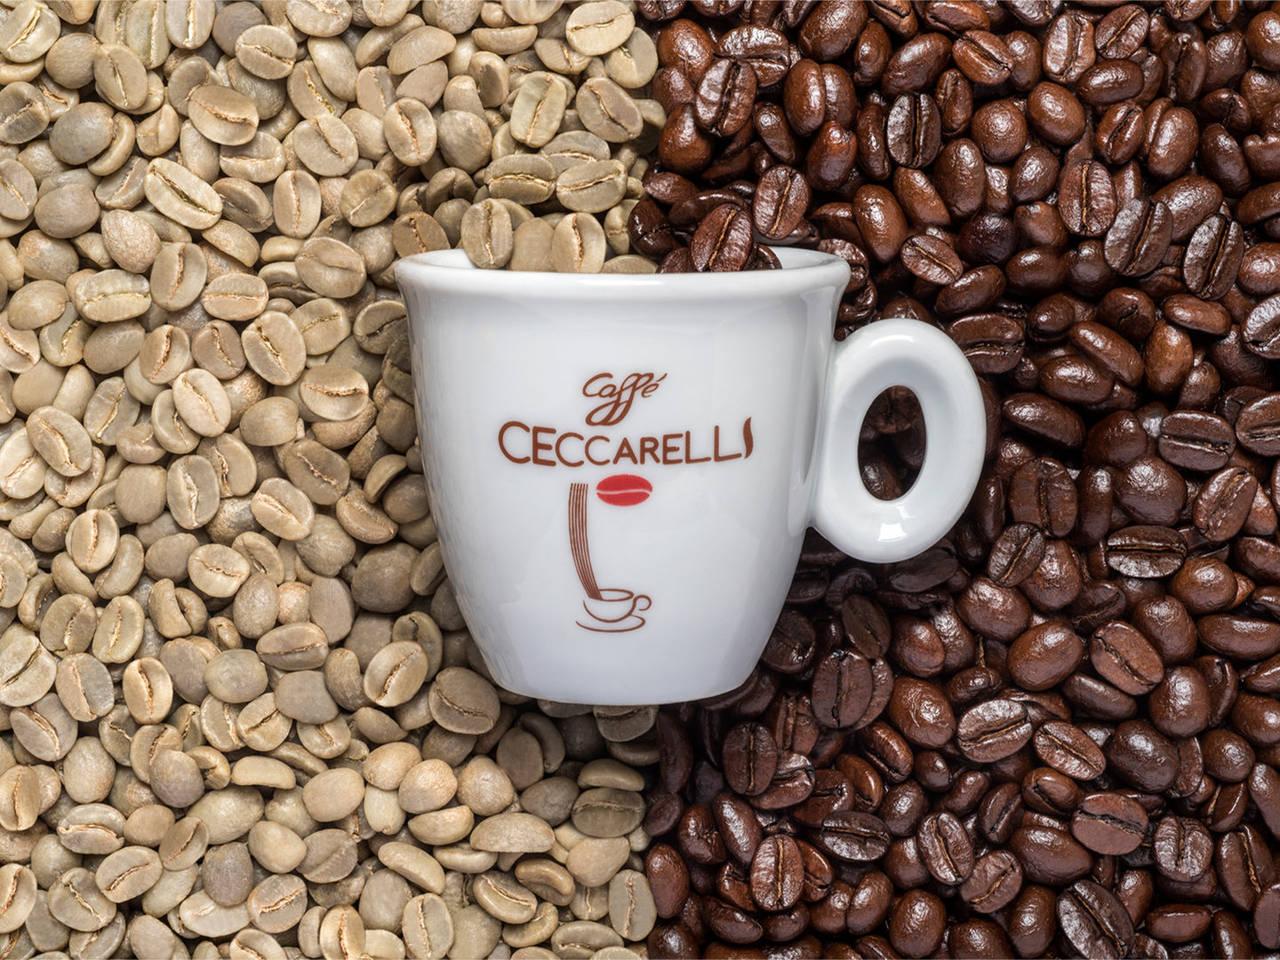 Ceccarelli artigiano del caffè